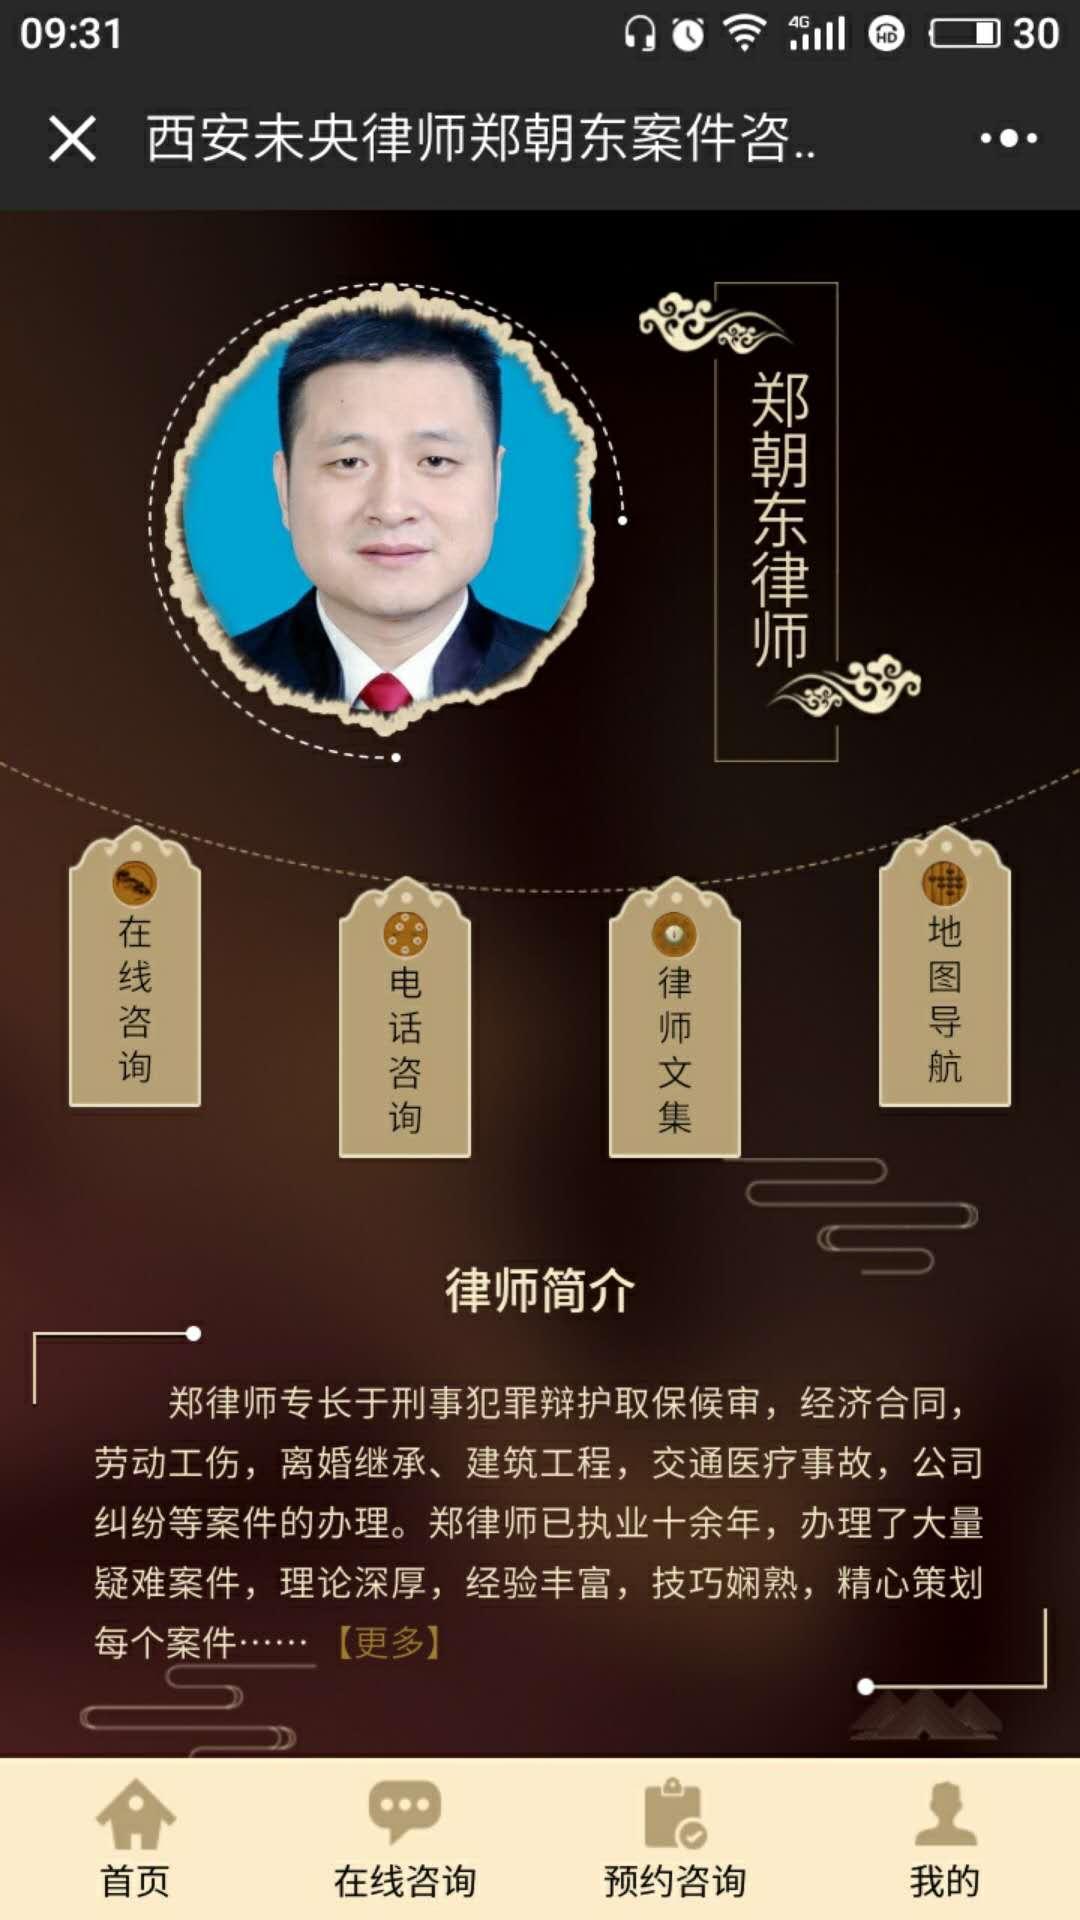 西安未央律师郑朝东案件咨询代理小程序